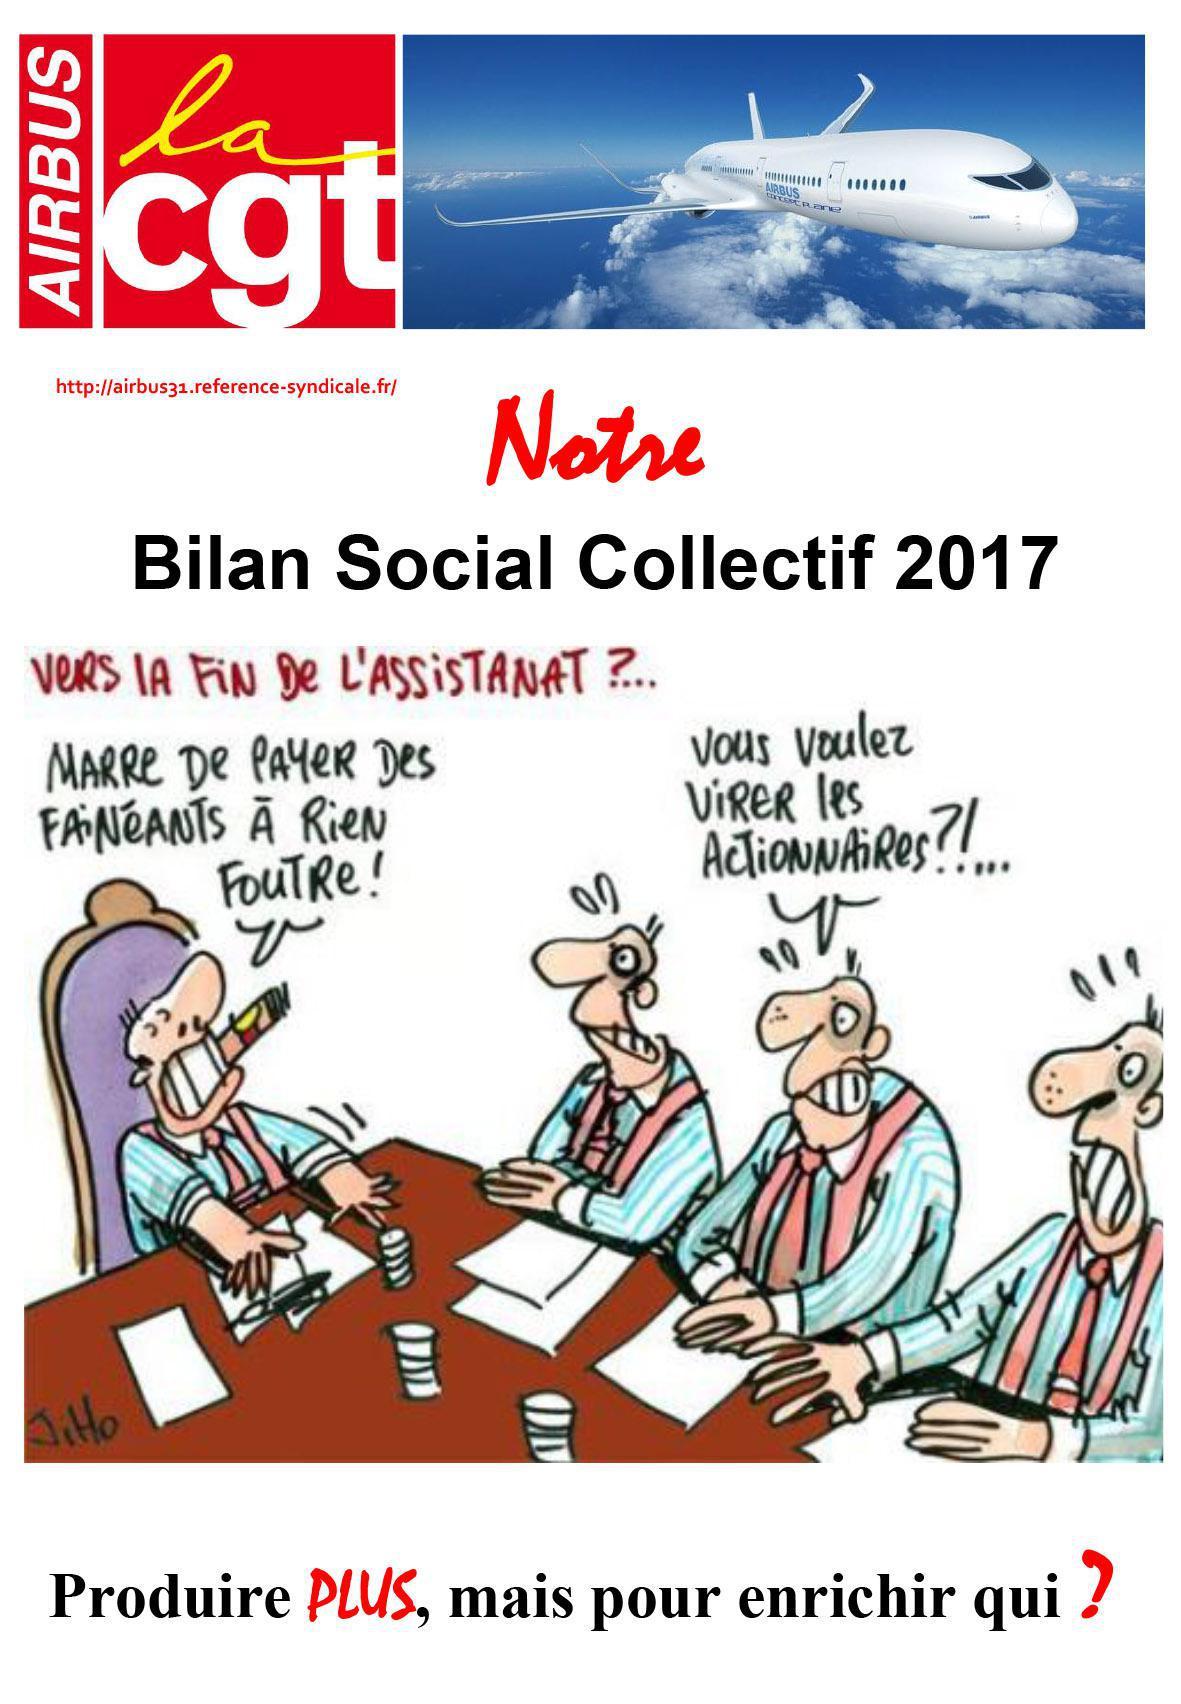 Notre Bilan Social Collectif 2017